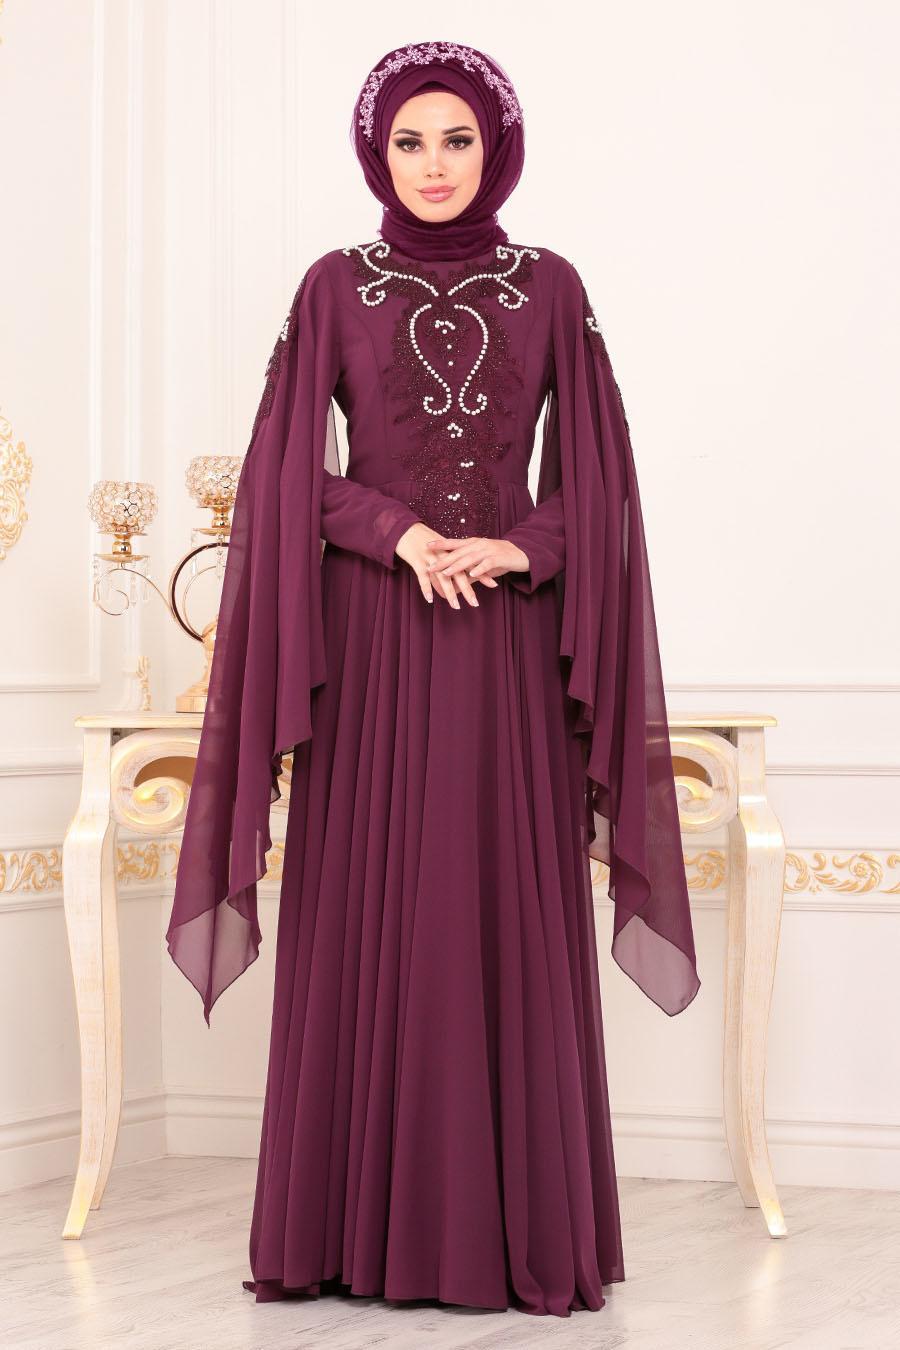 Tesettürlü Abiye Elbise - Boncuk Detaylı Mürdüm Tesettürlü Abiye Elbise 8485MU